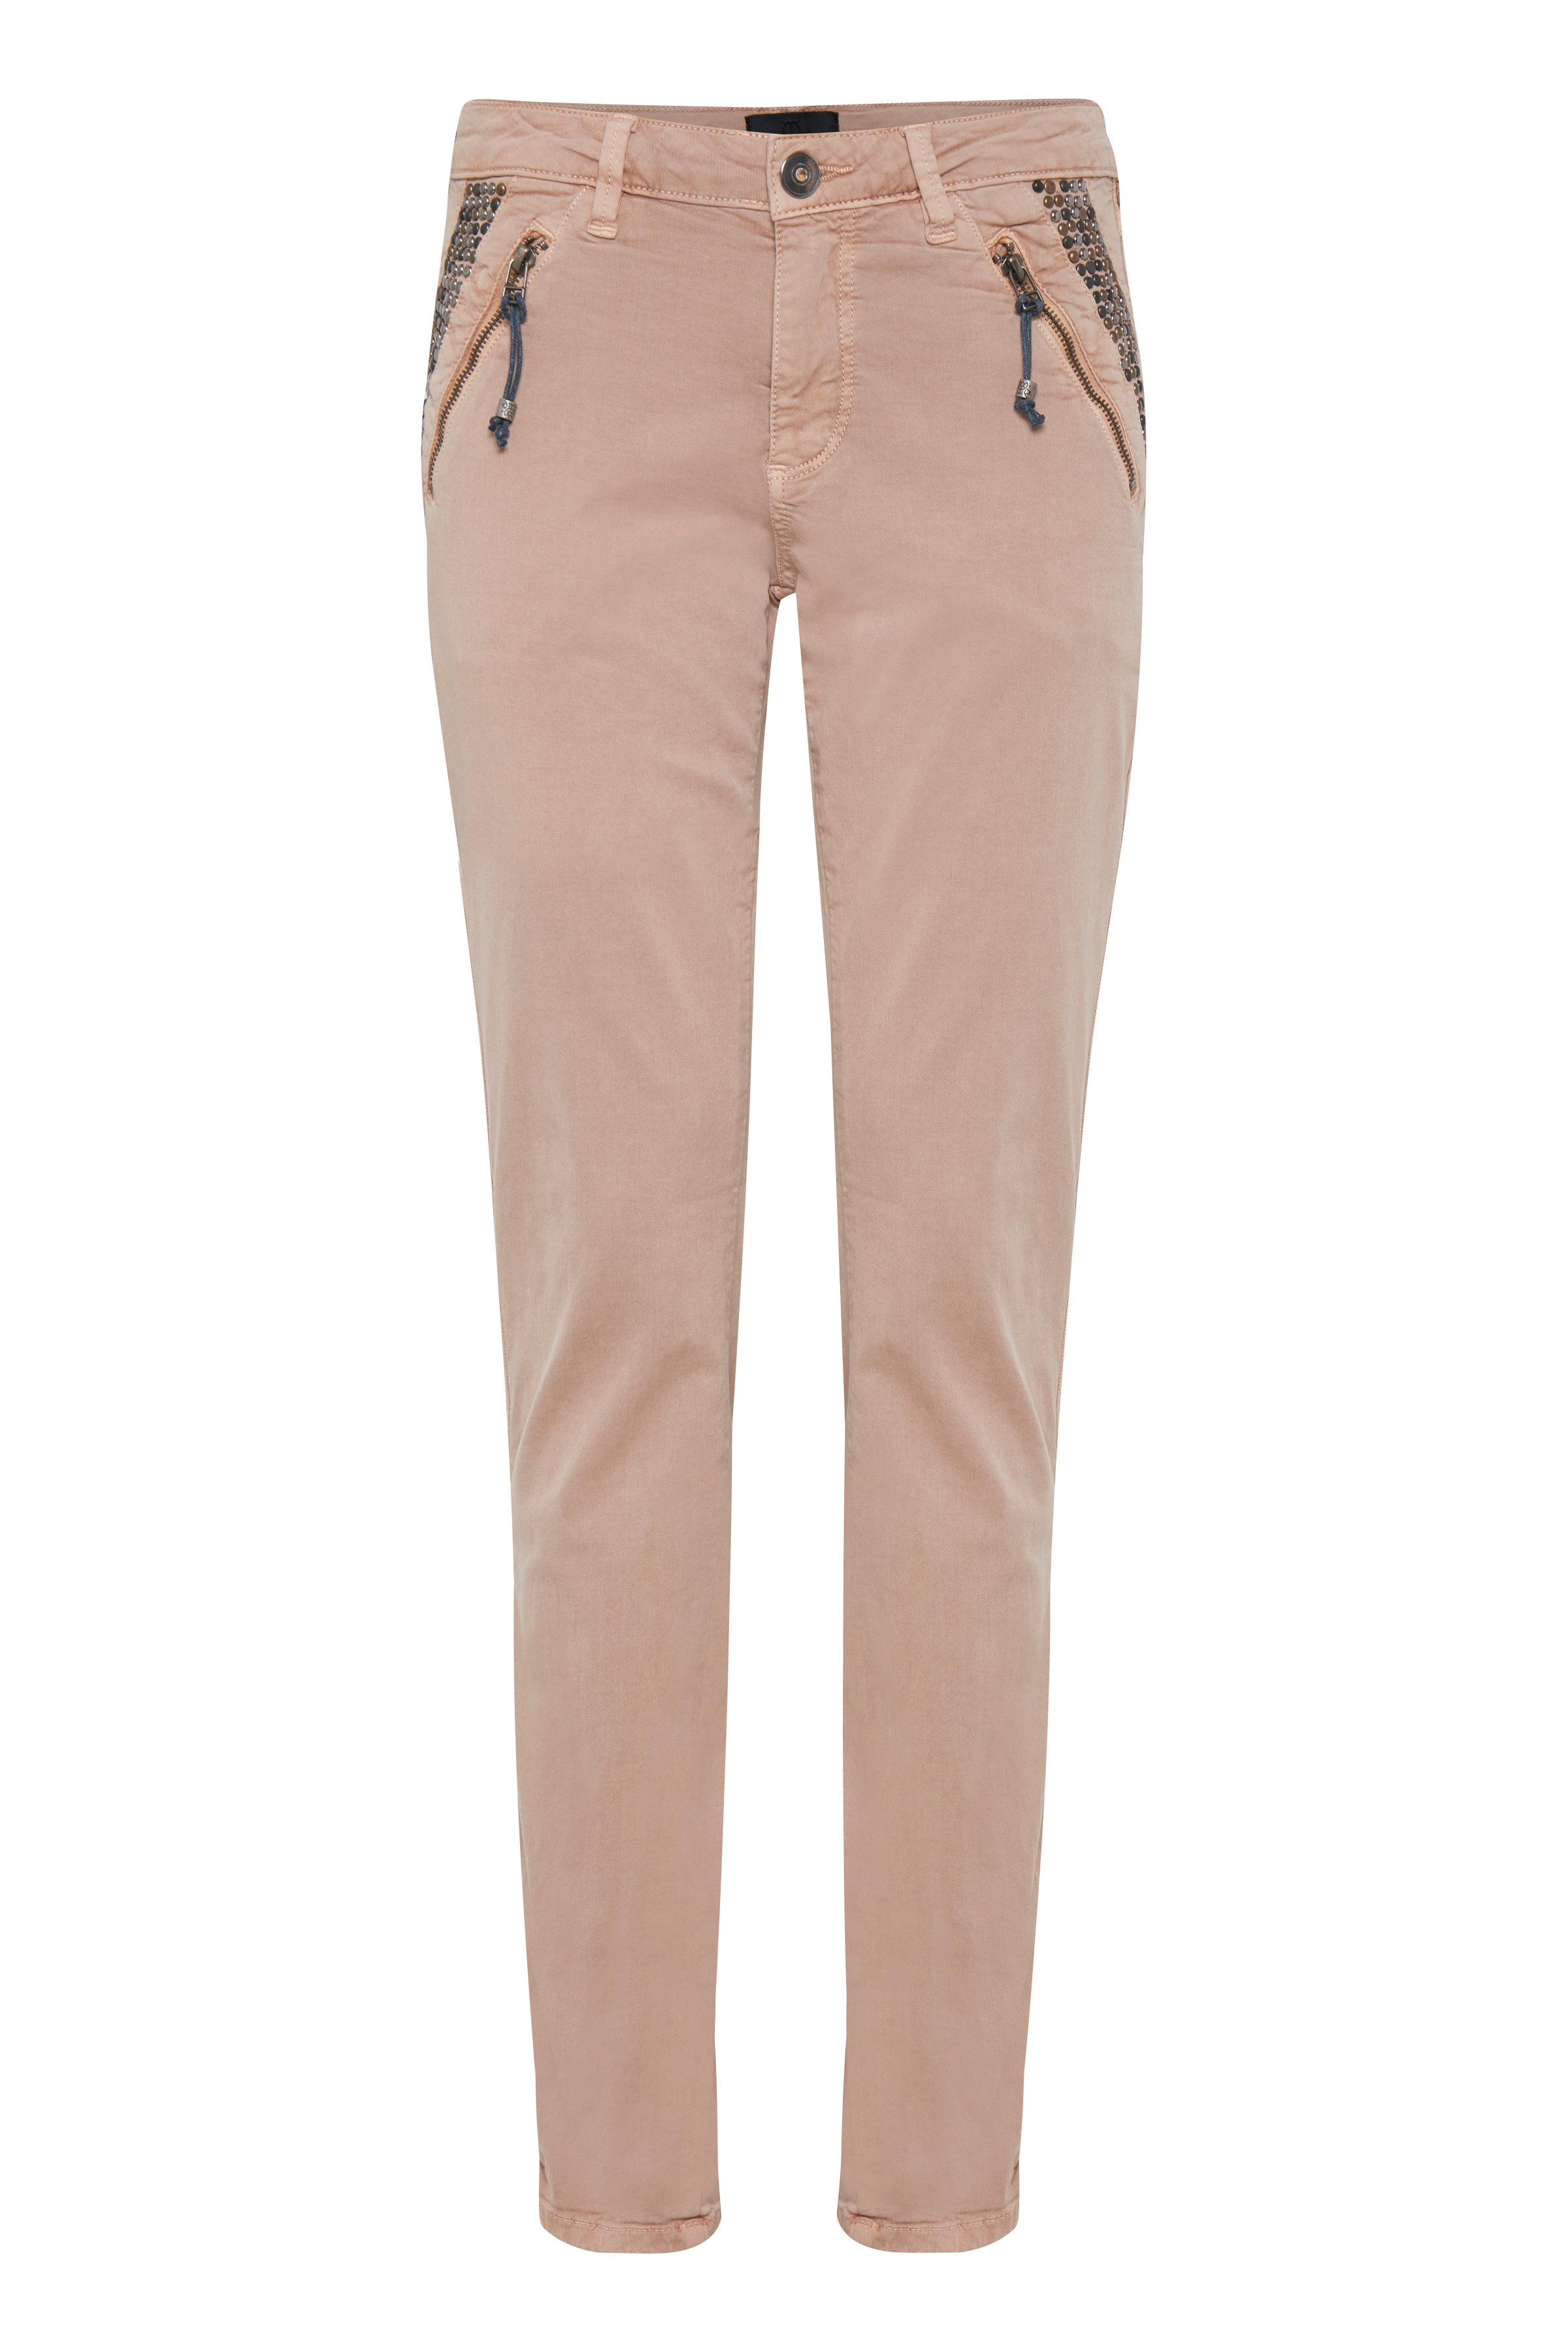 Image of Pulz Jeans Dame Skønne Malena bukser - Tan